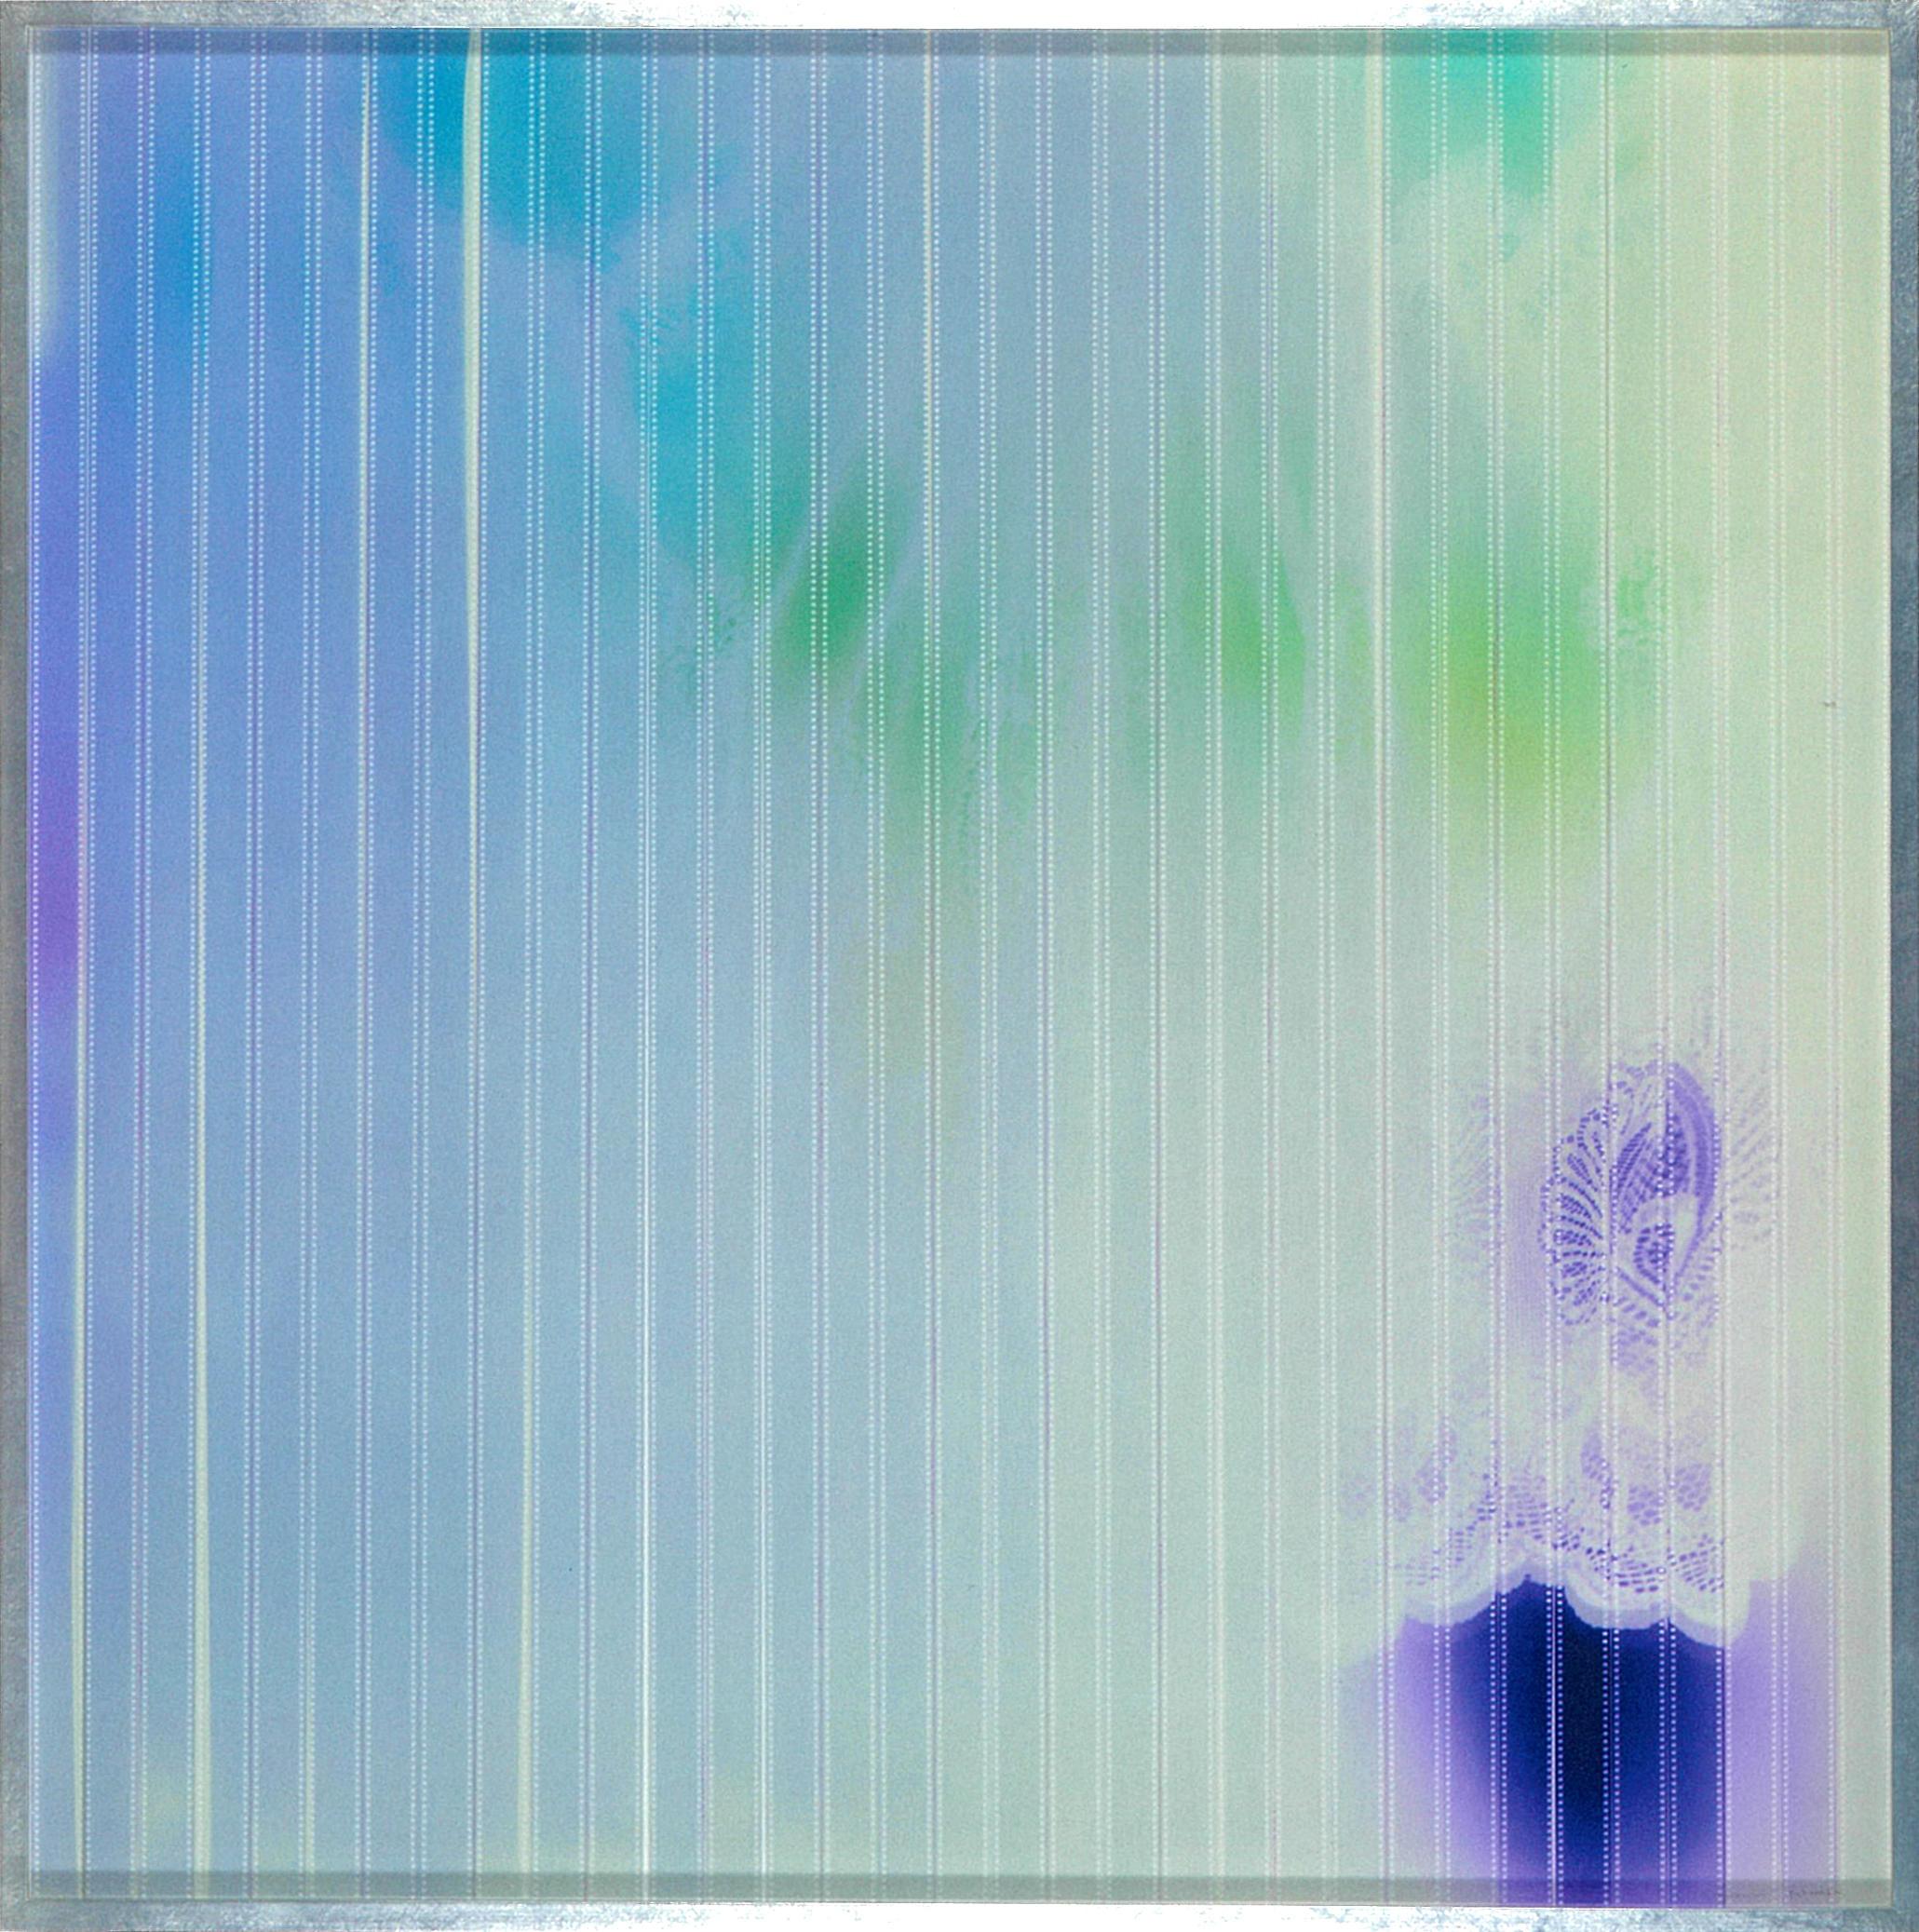 竹中美幸 クインテットIV - 五つ星の作家たち- 展 @損保ジャパン日本興亜美術館